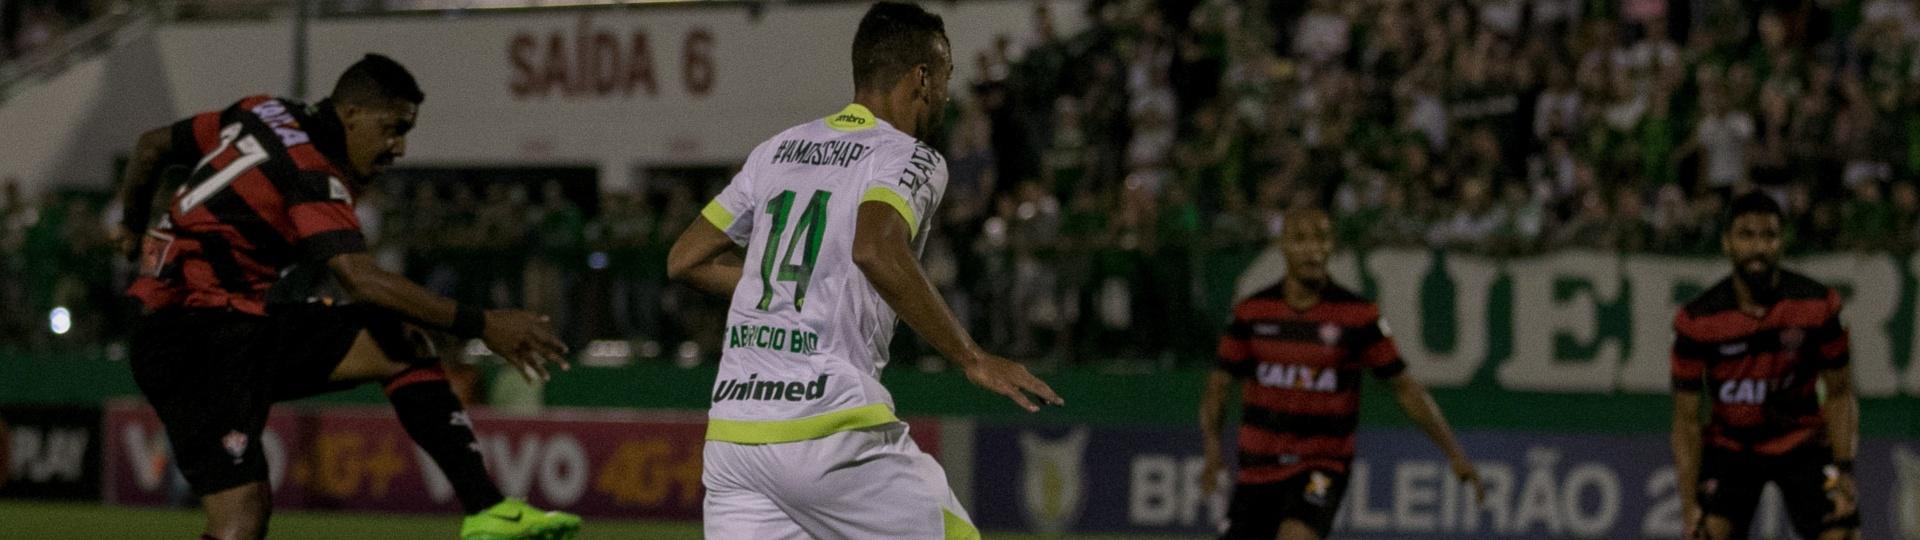 David, atacante do Vitória, tenta a finalização na partida contra a Chapecoense, na Arena Condá